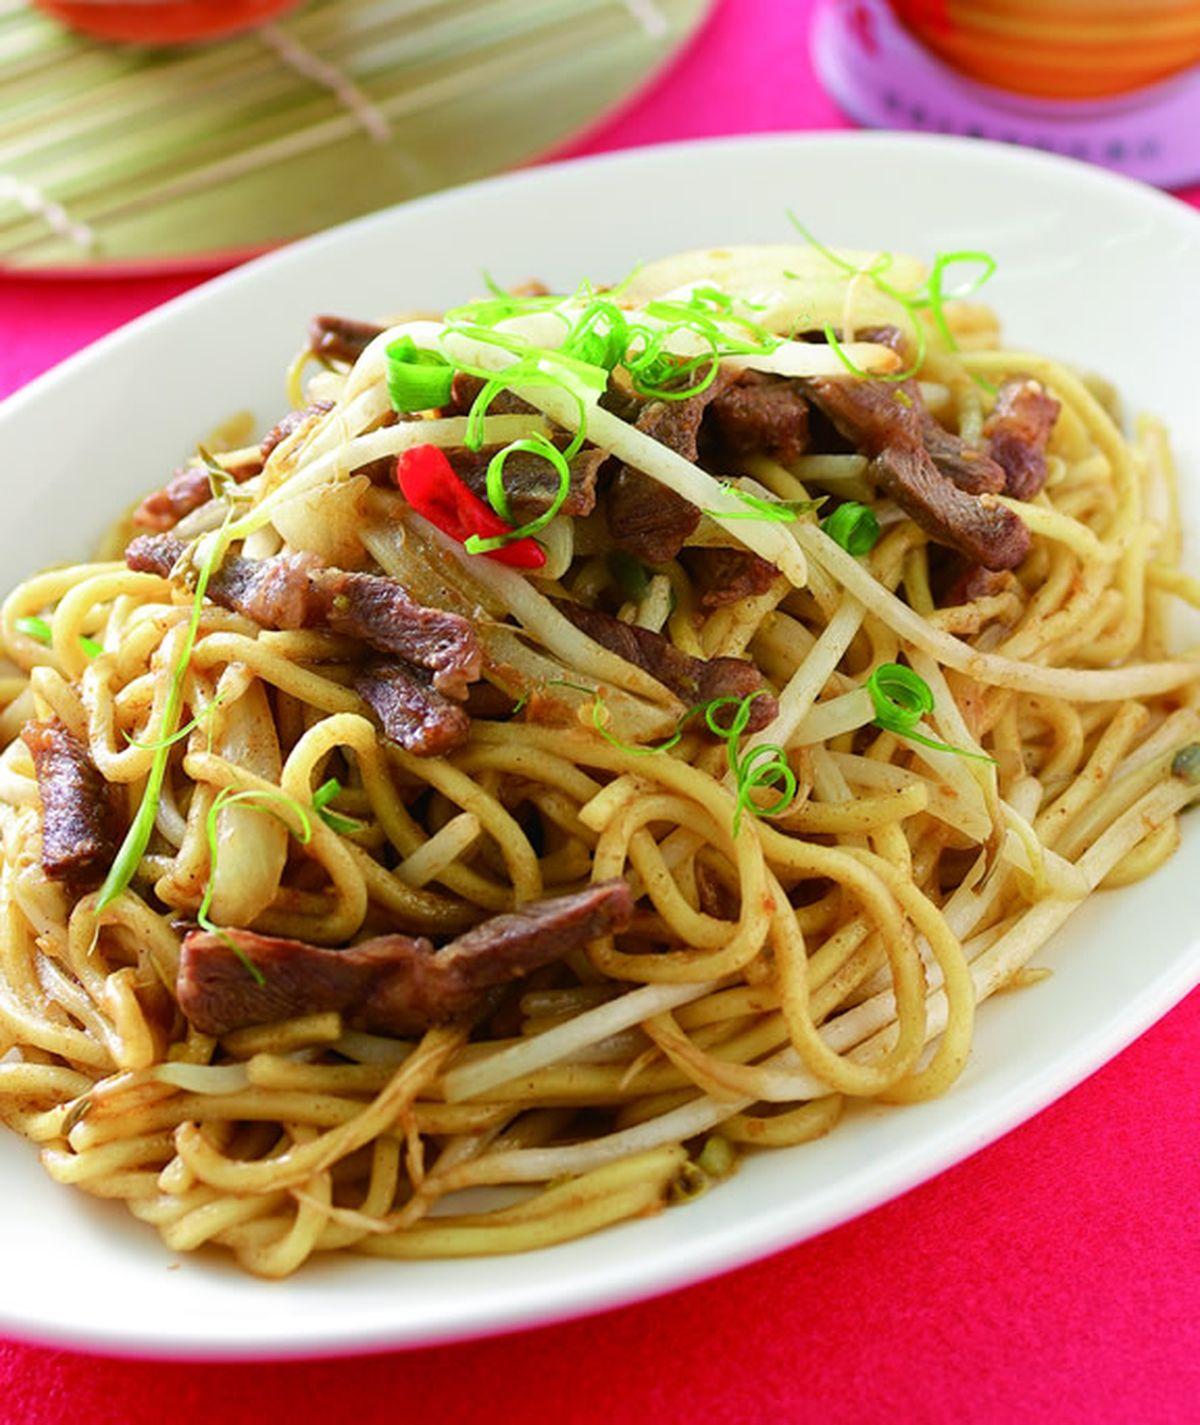 食譜:燒烤風牛肉炒麵